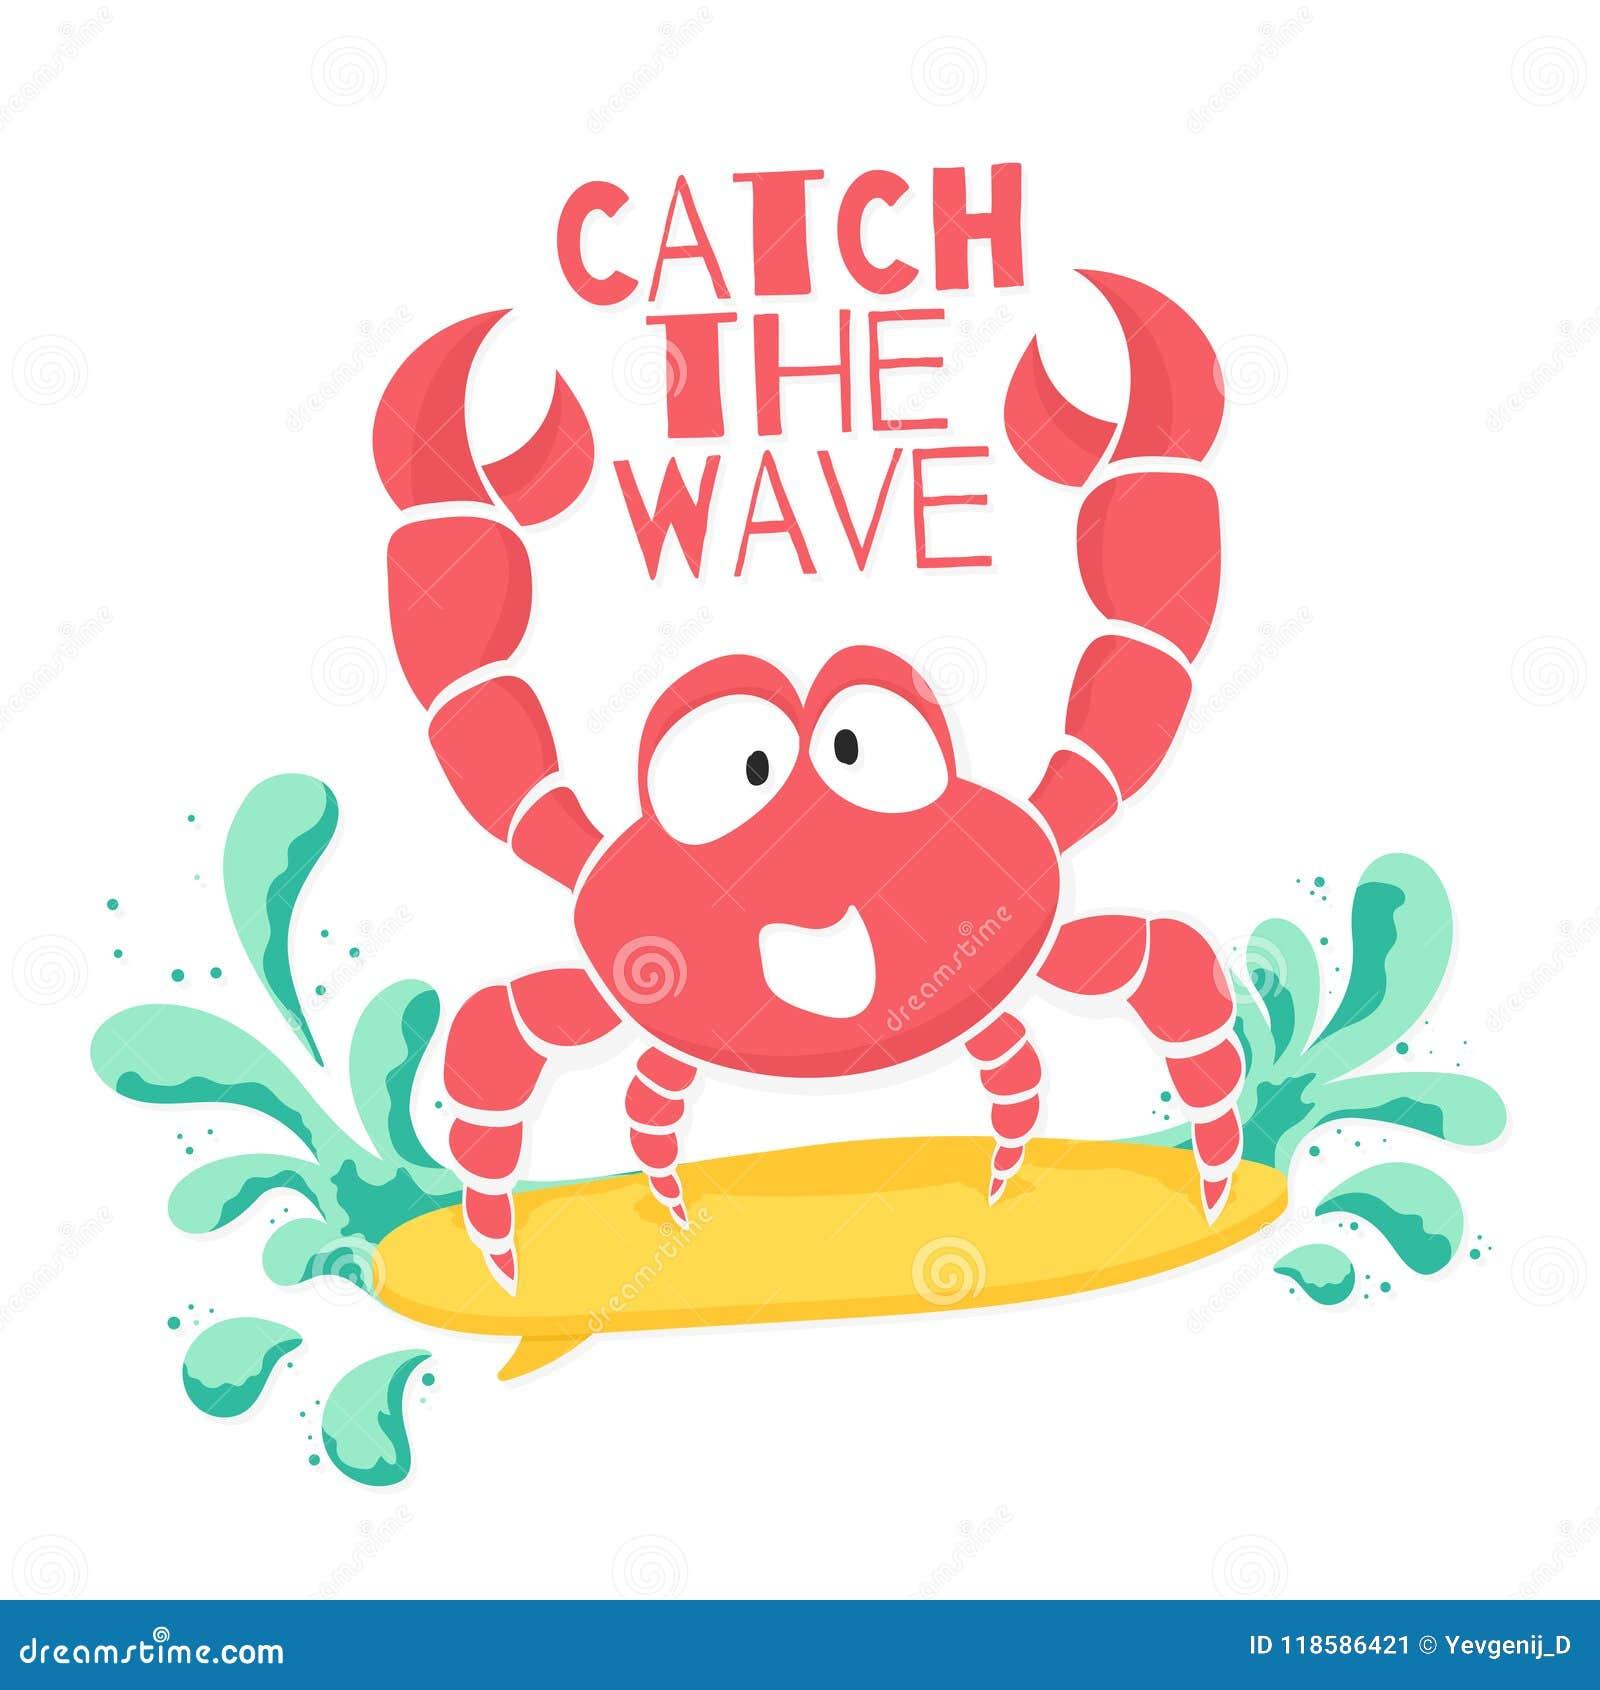 Милый дизайн футболки для детей Смешной краб занимается серфингом на волне в стиле шаржа График футболки с лозунгом